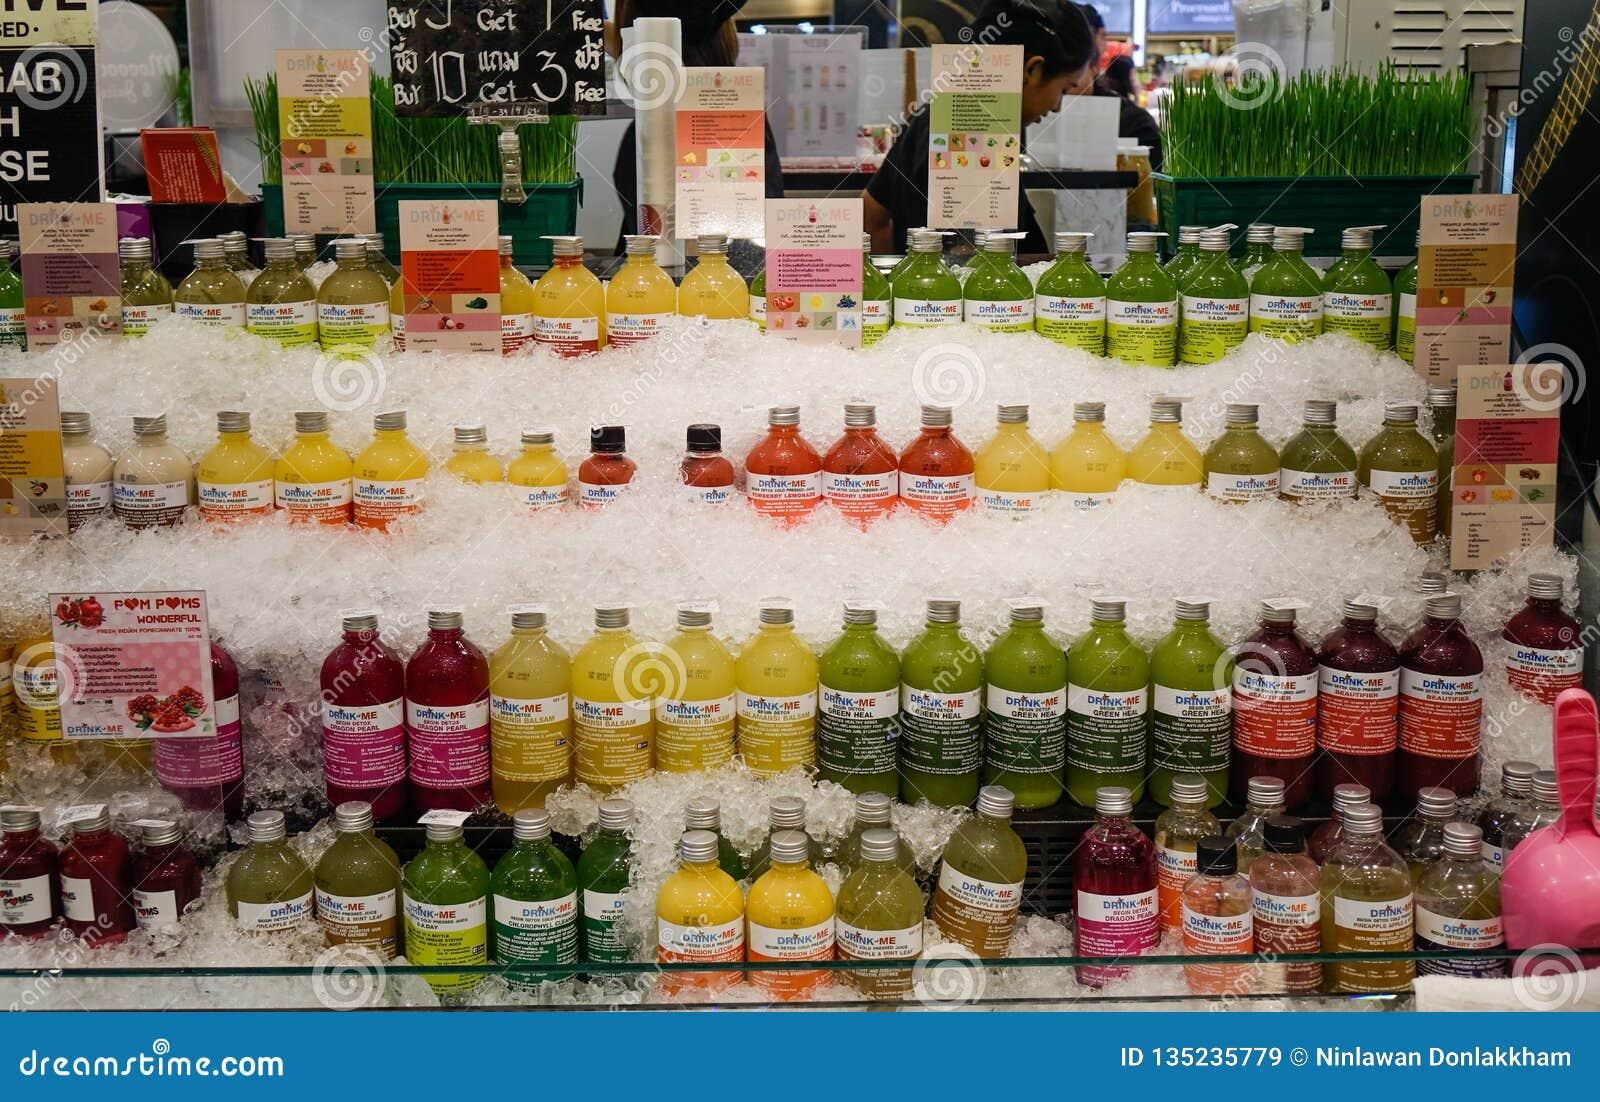 Vers vruchtensap bij supermarkt